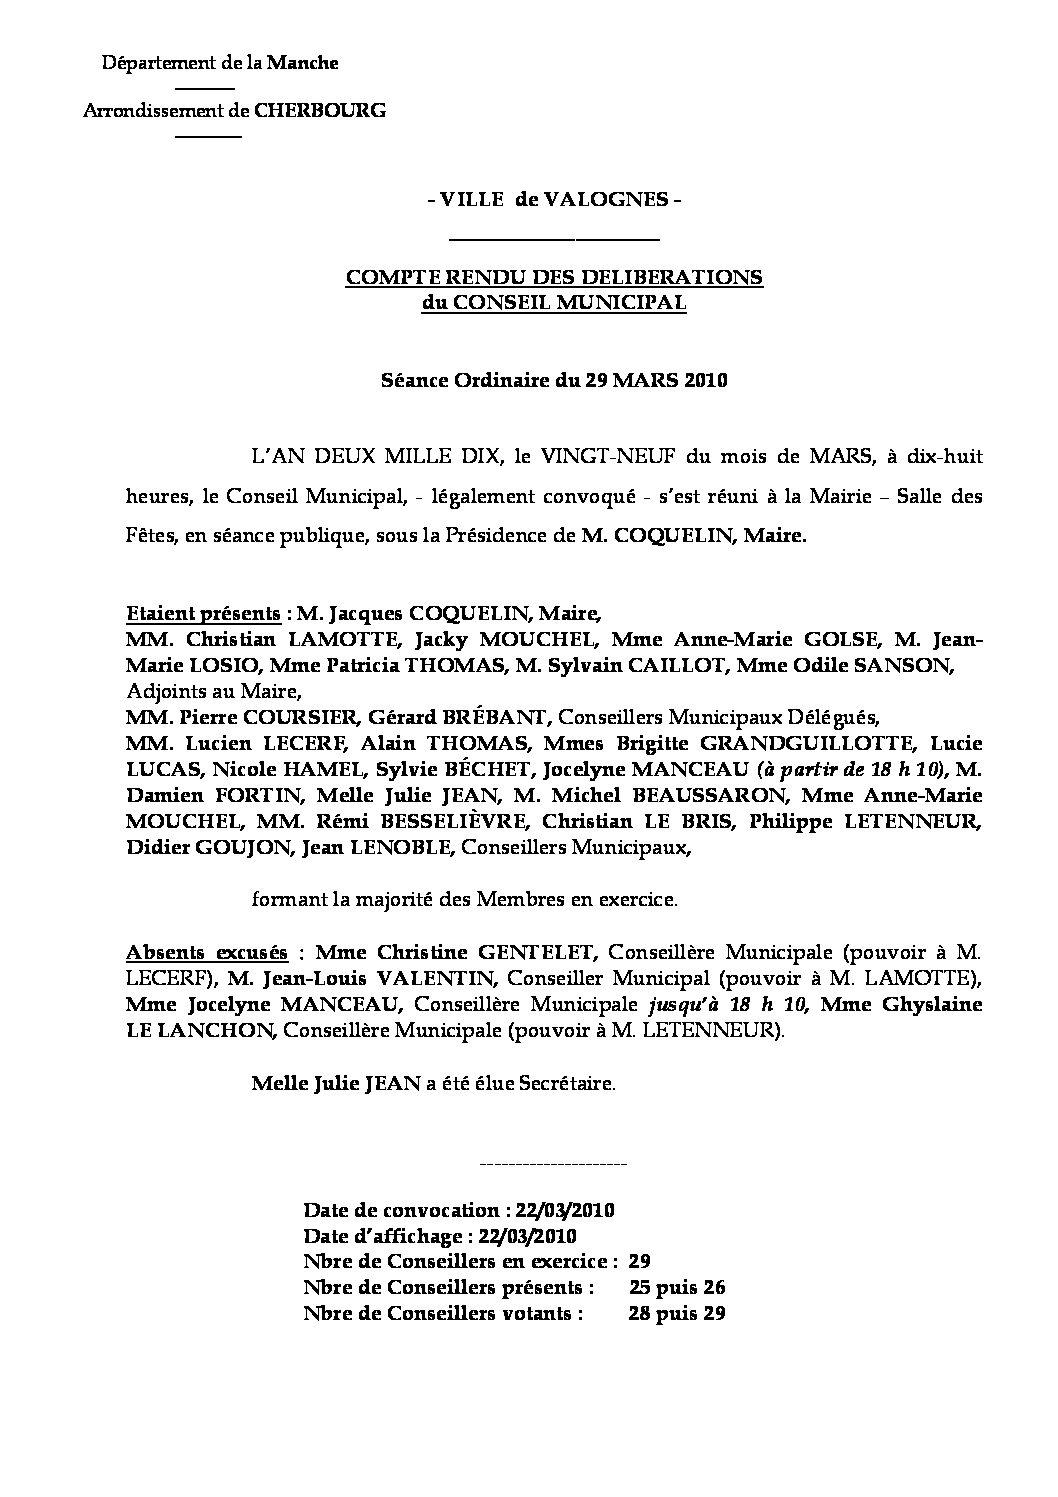 Extrait du registre des délibérations du 29-03-2010 - Compte-rendu des questions soumises à délibération lors de la séance du Conseil Municipal du 29 mars 2010.